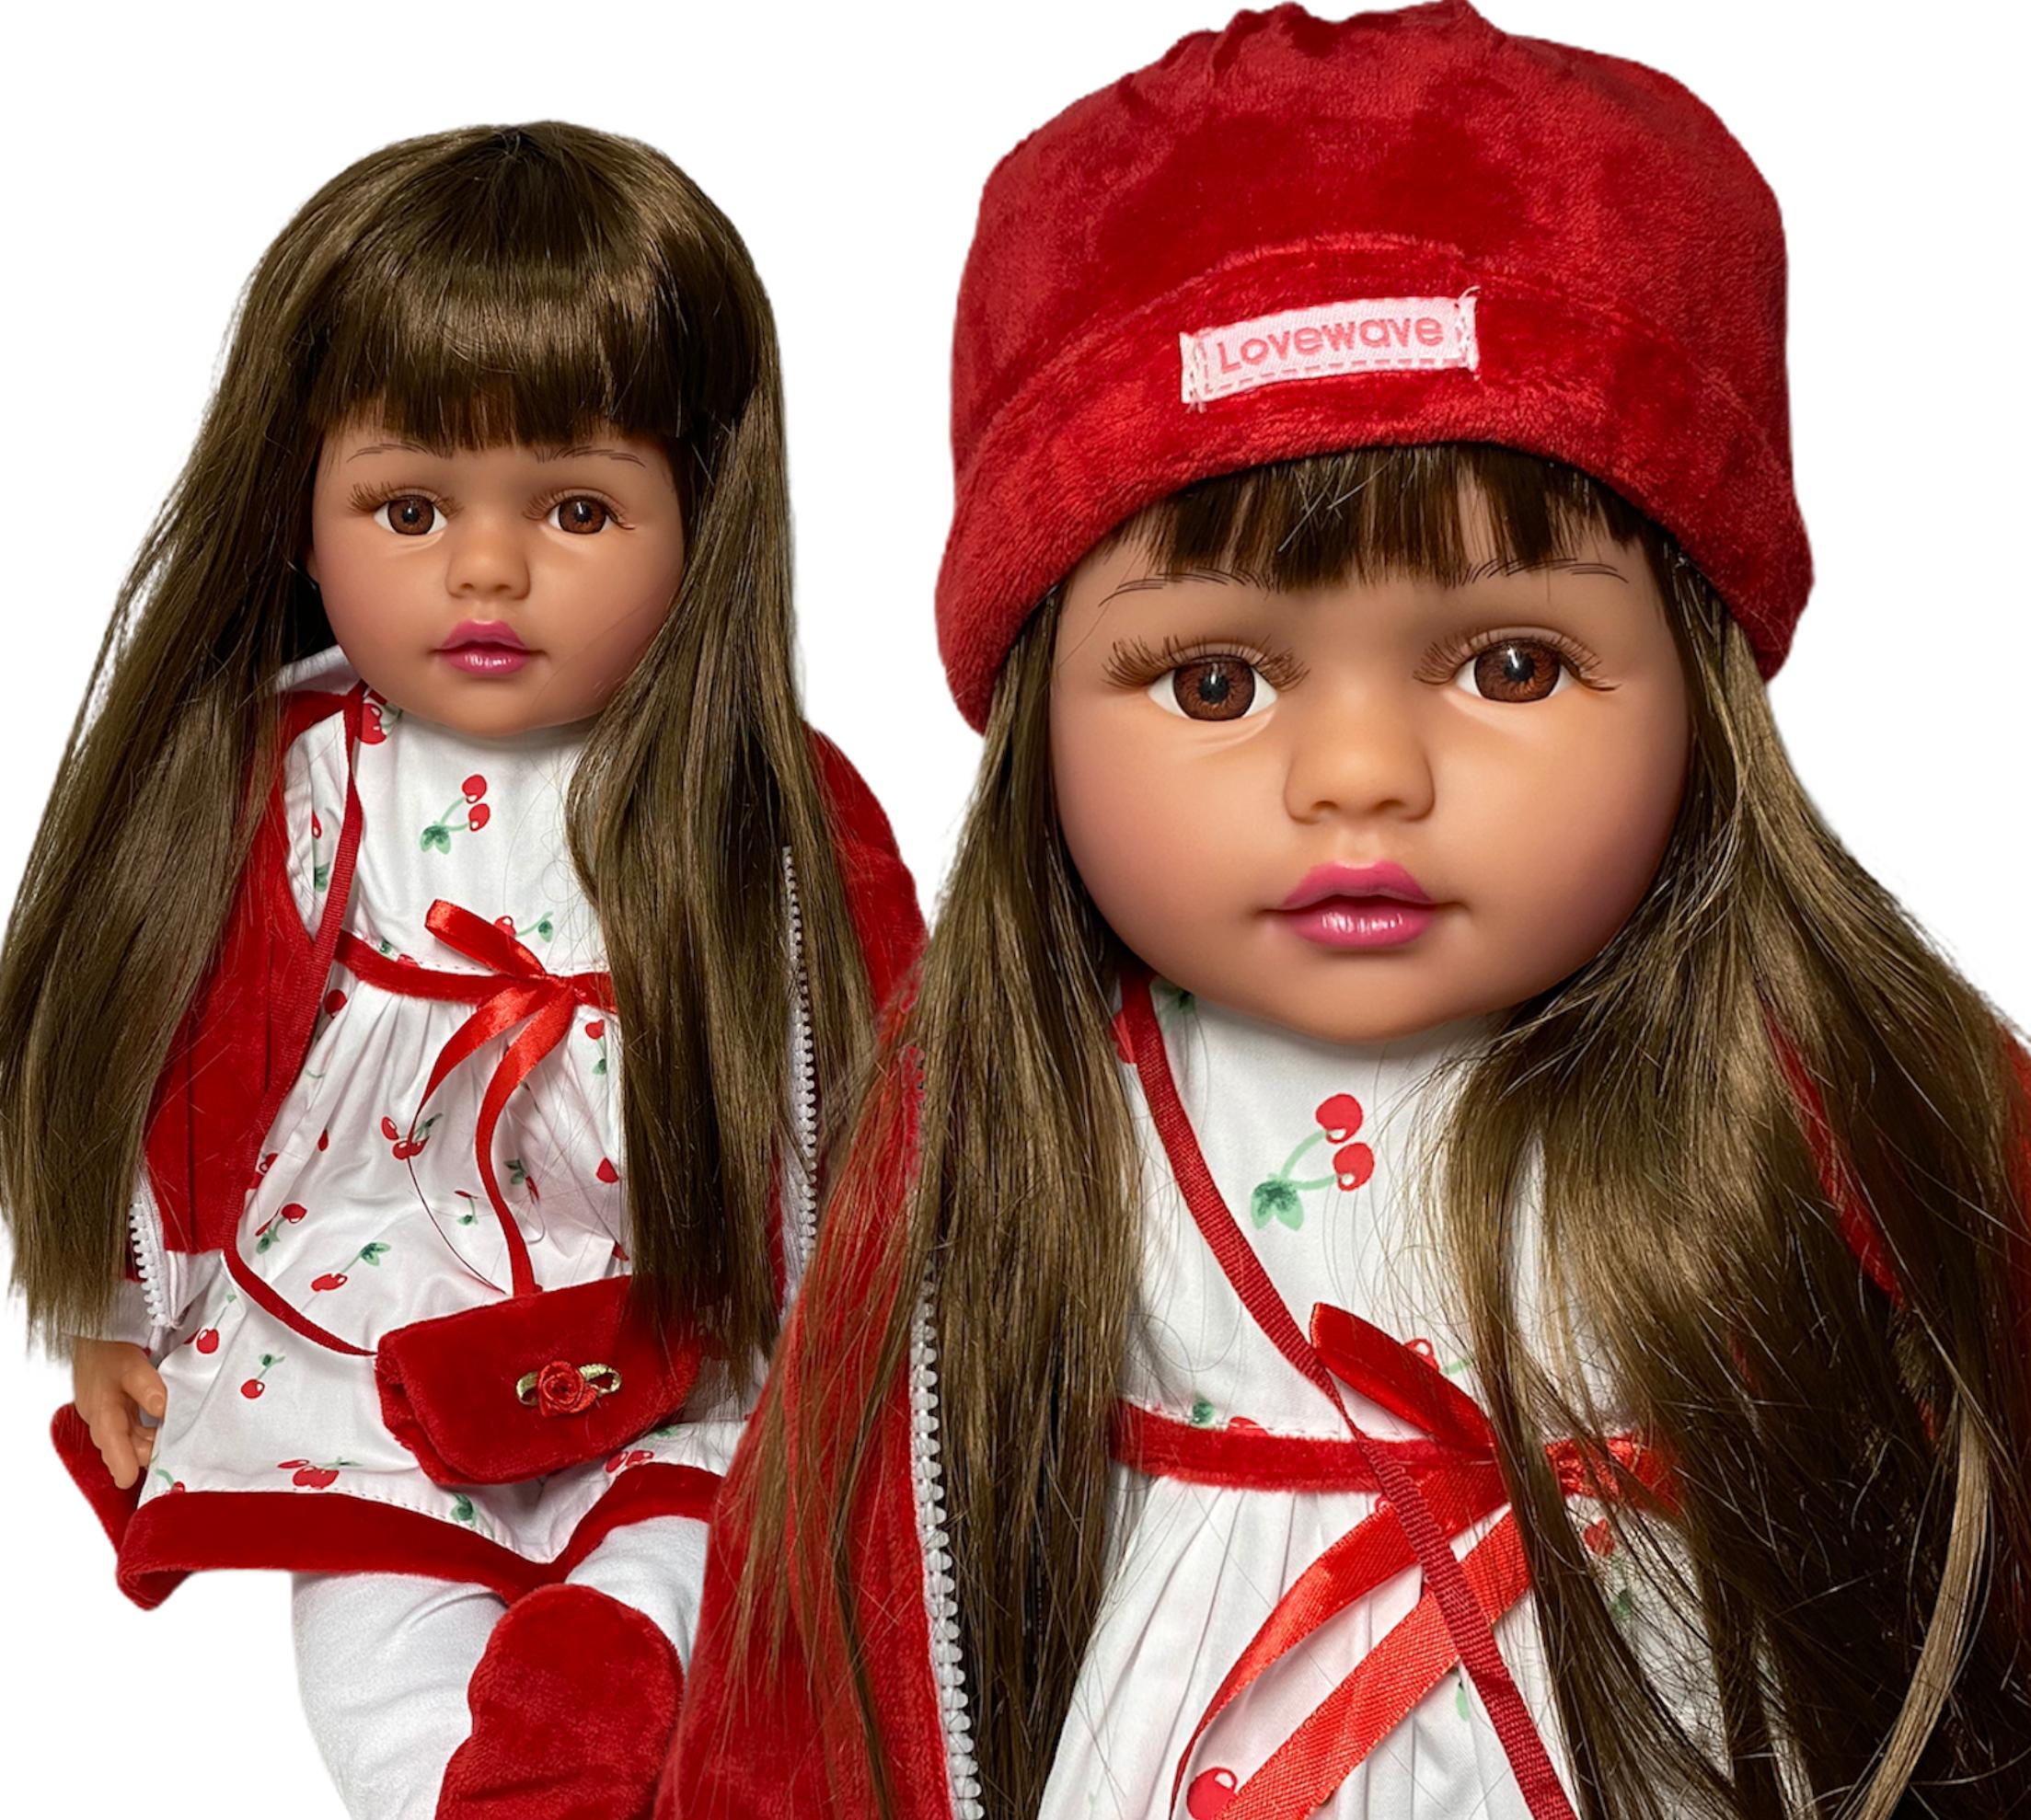 lalka jak żywa duża 60 cm spiewa mówi po polsku